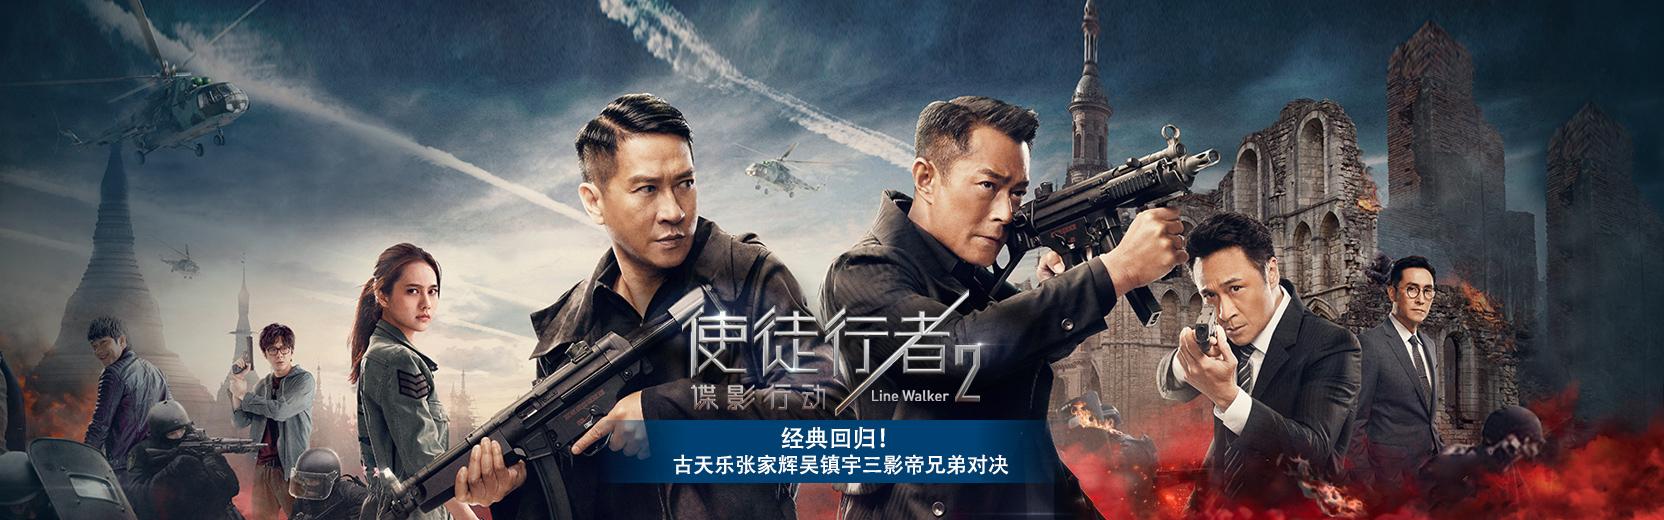 使徒行者2:谍影行动 HD1280高清国语|粤语中字版